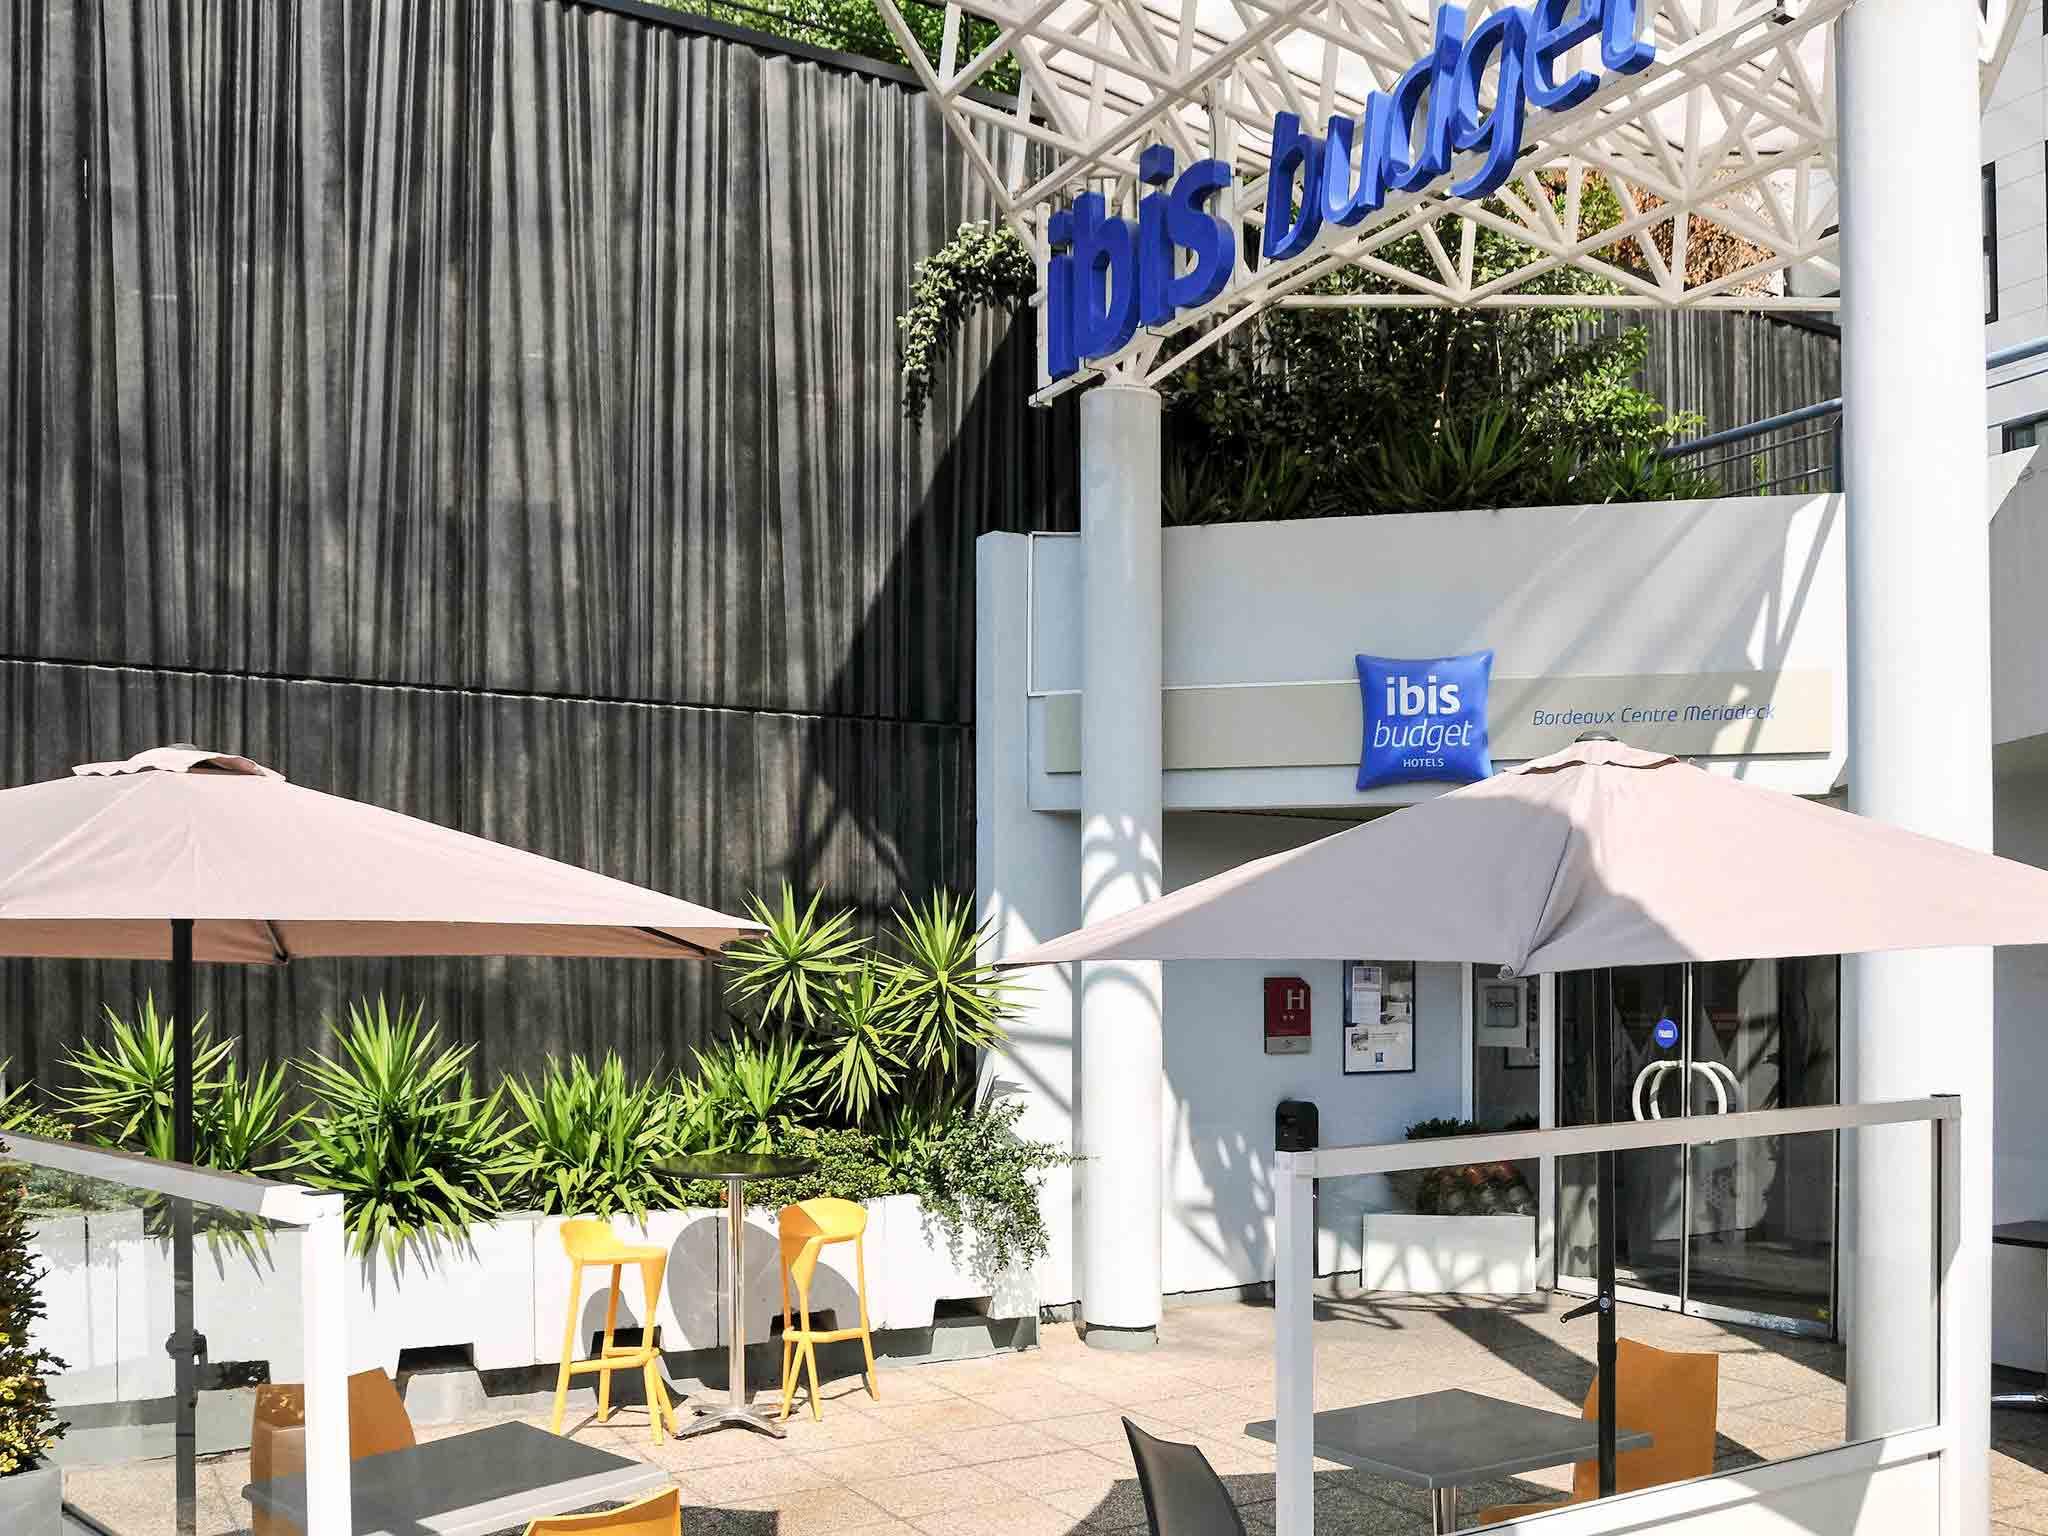 Hôtel - ibis budget Bordeaux Centre Mériadeck